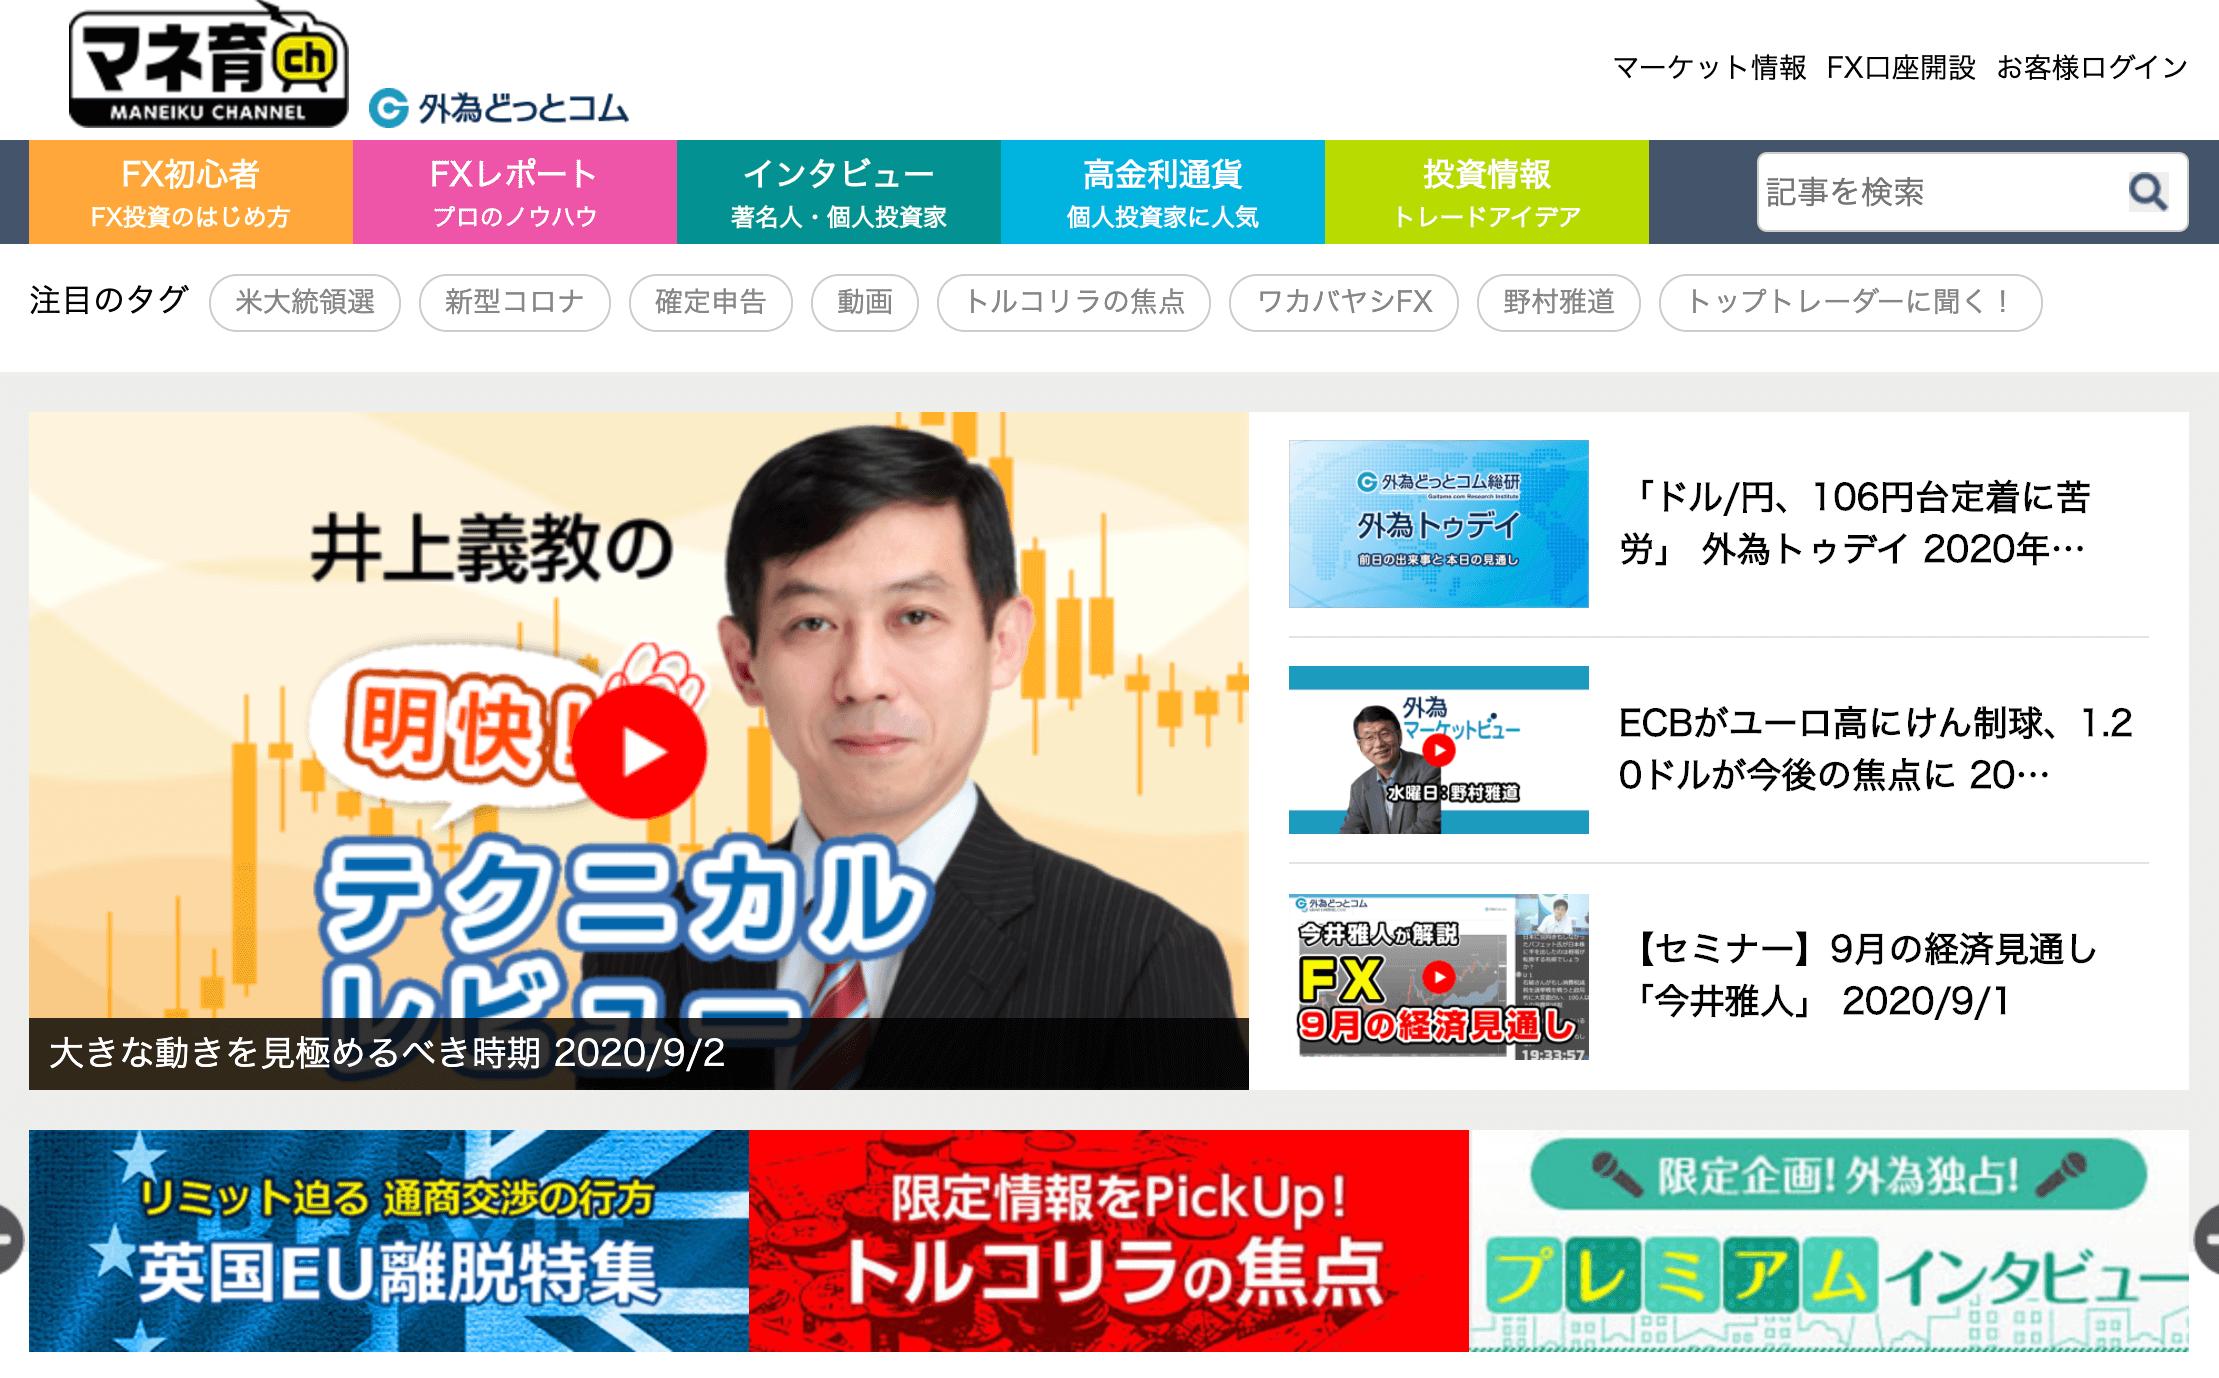 マネ育チャンネル